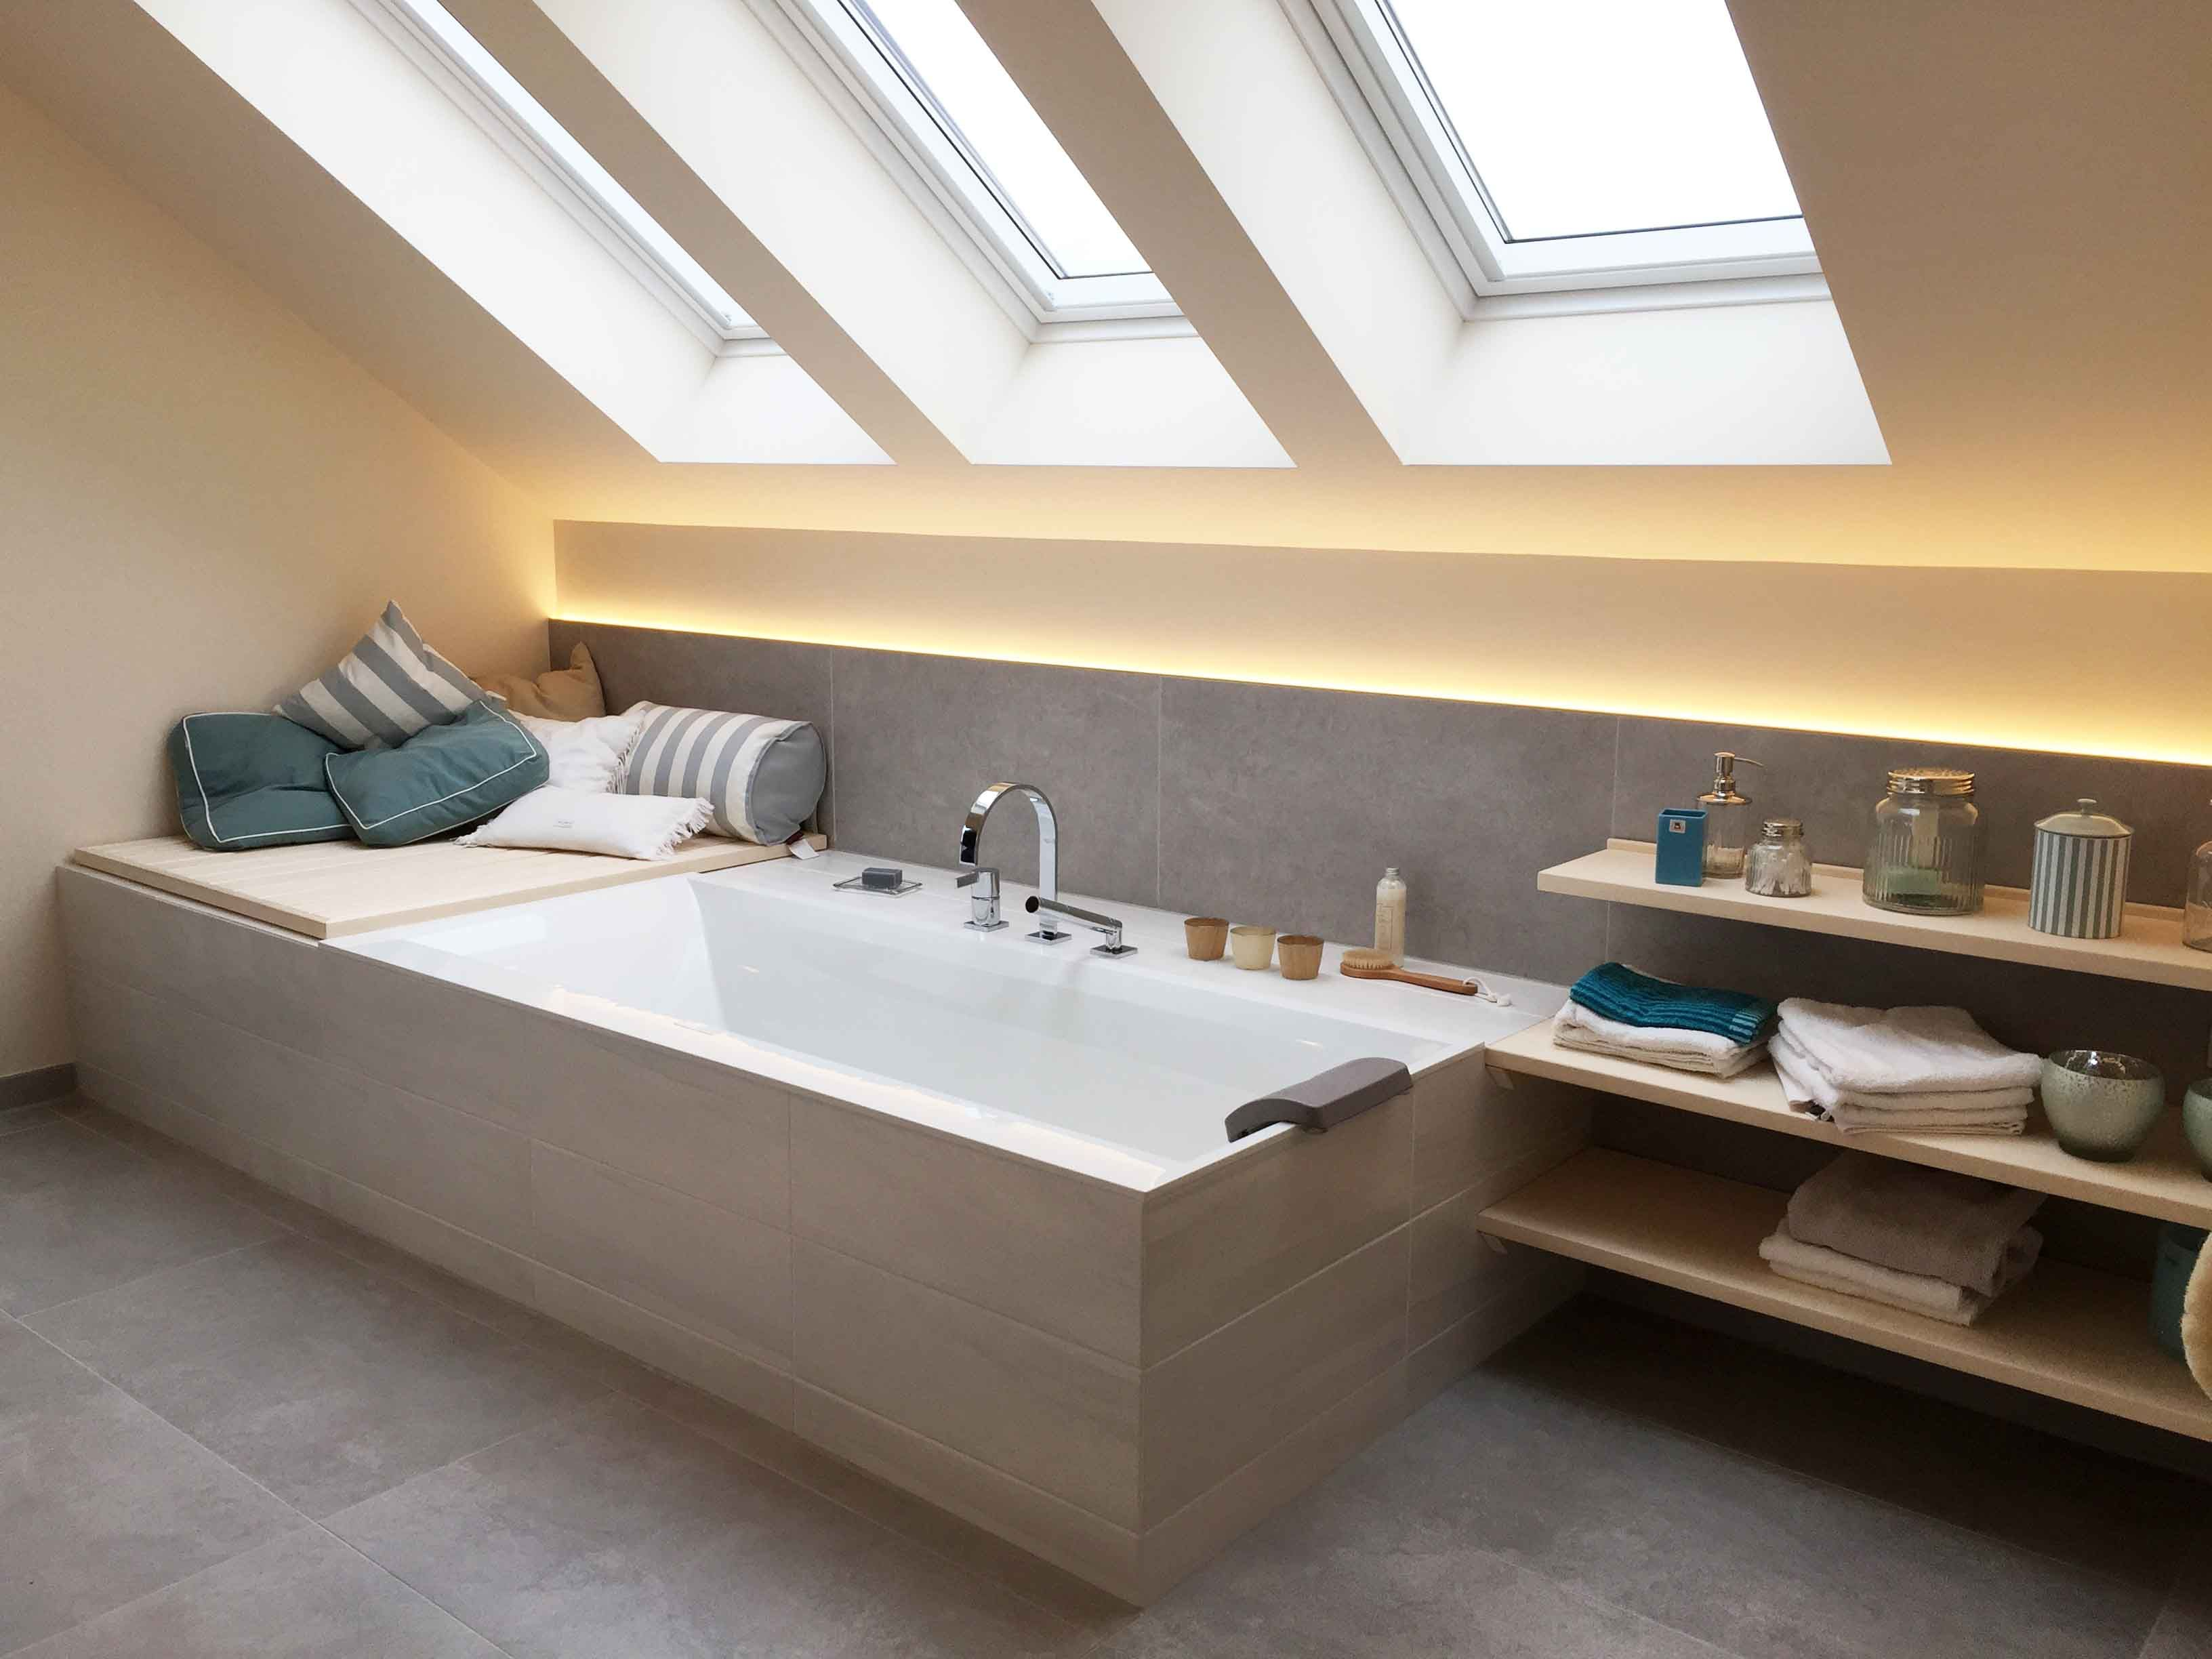 Zimmer Mit Dachschr\u00e4ge Gestalten Tapete Schlafzimmer | Ikea ...